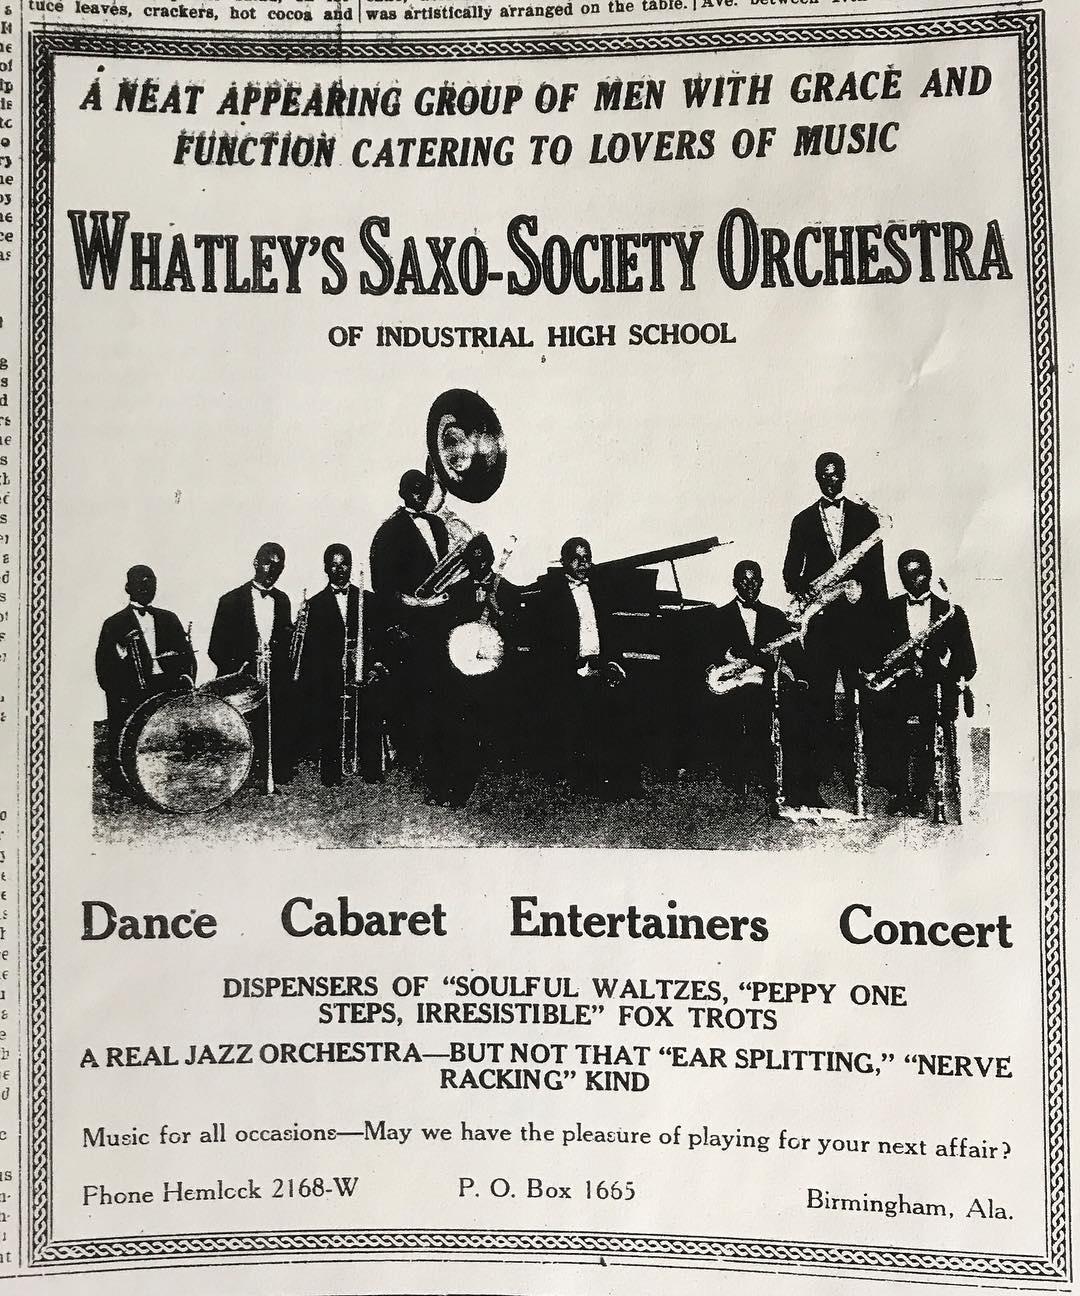 sax-o-society ad (photo)